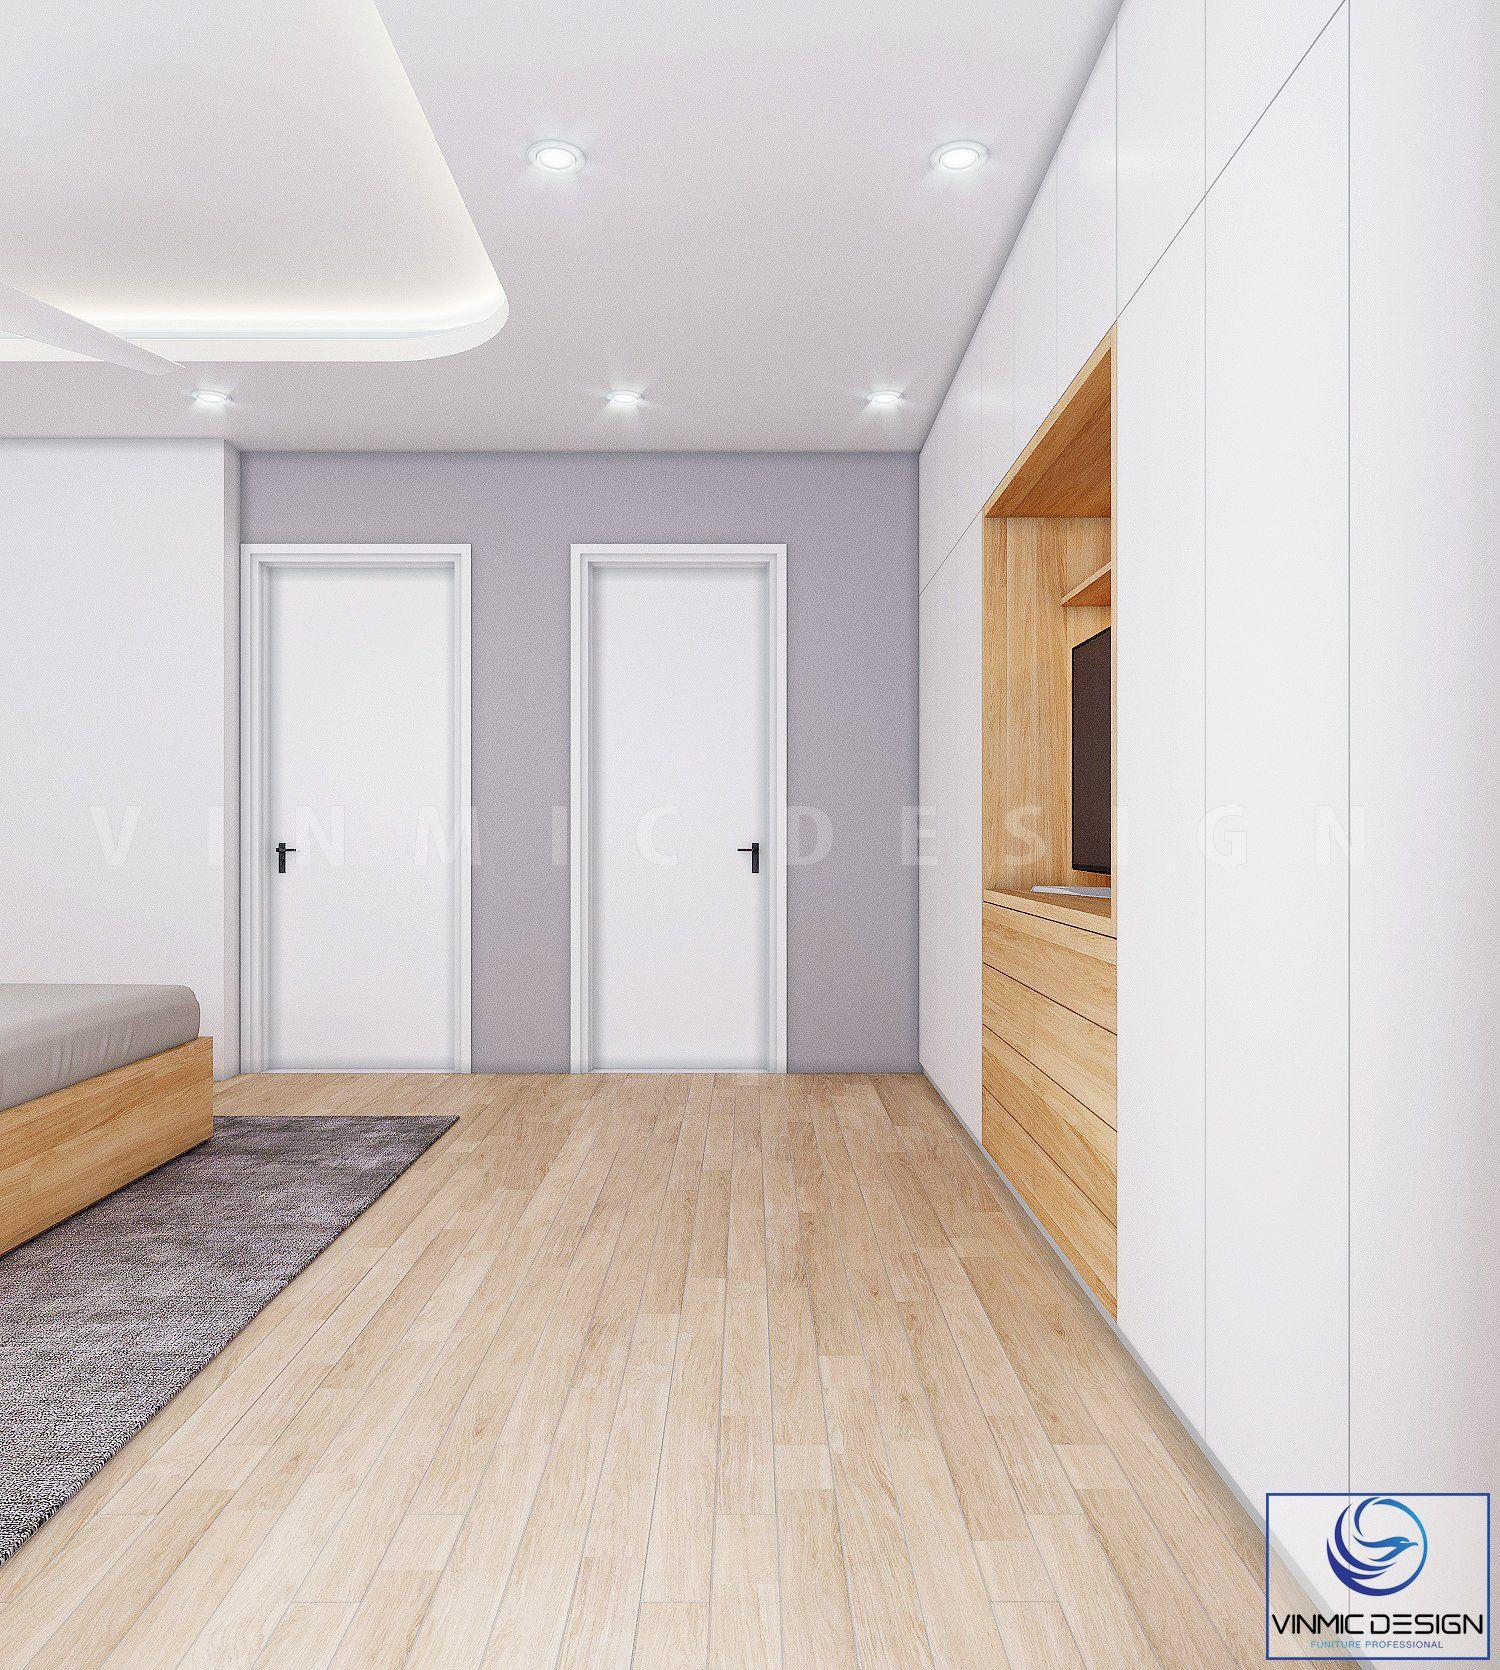 Thiết kế tủ áo và kệ ti vi theo một mặt phẳng để tiết kiệm diện tích